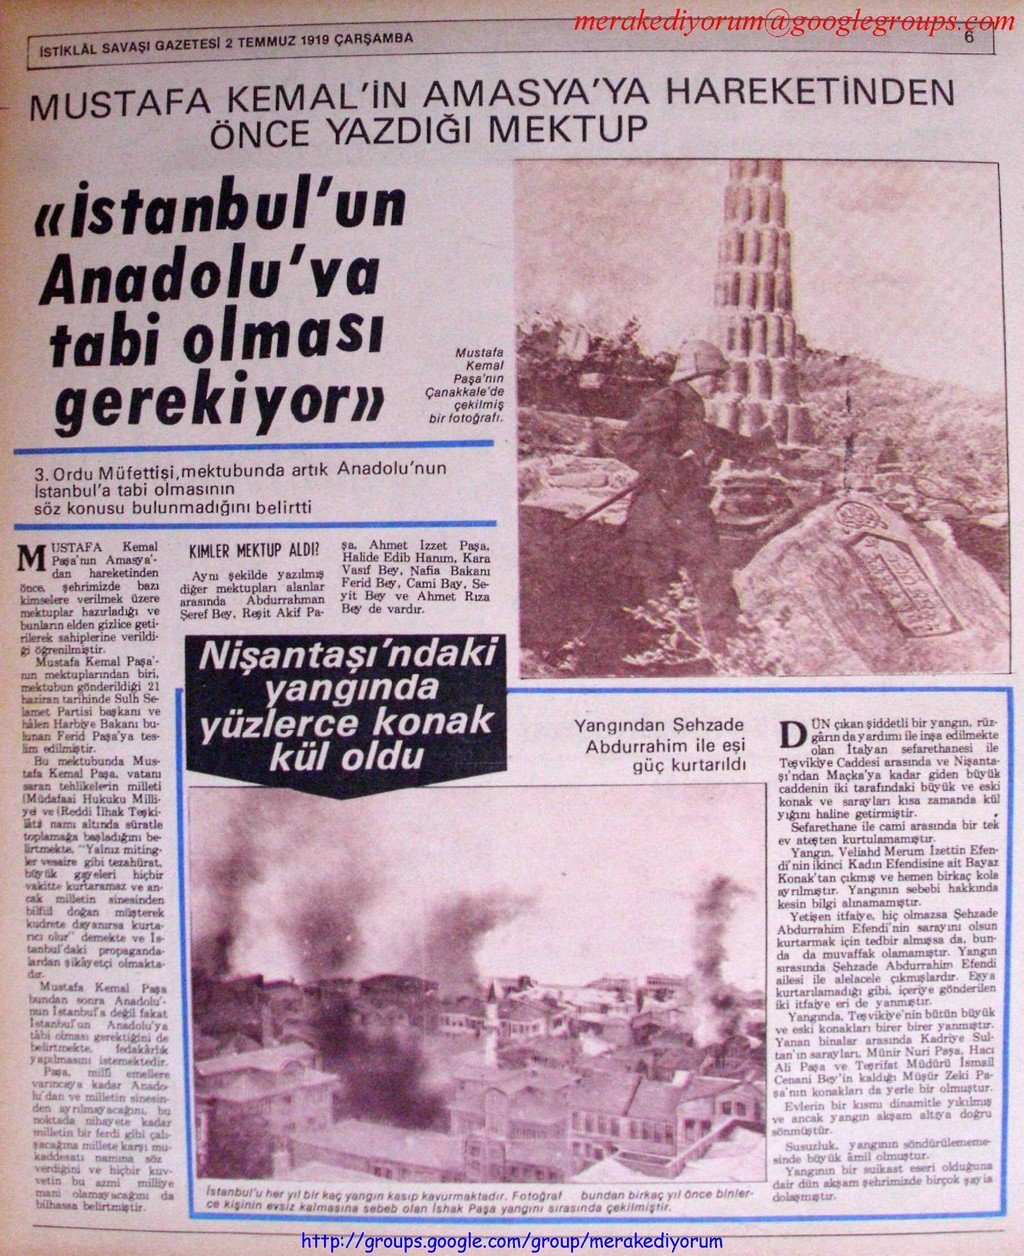 istiklal savaşı gazetesi - 2 temmuz 1919